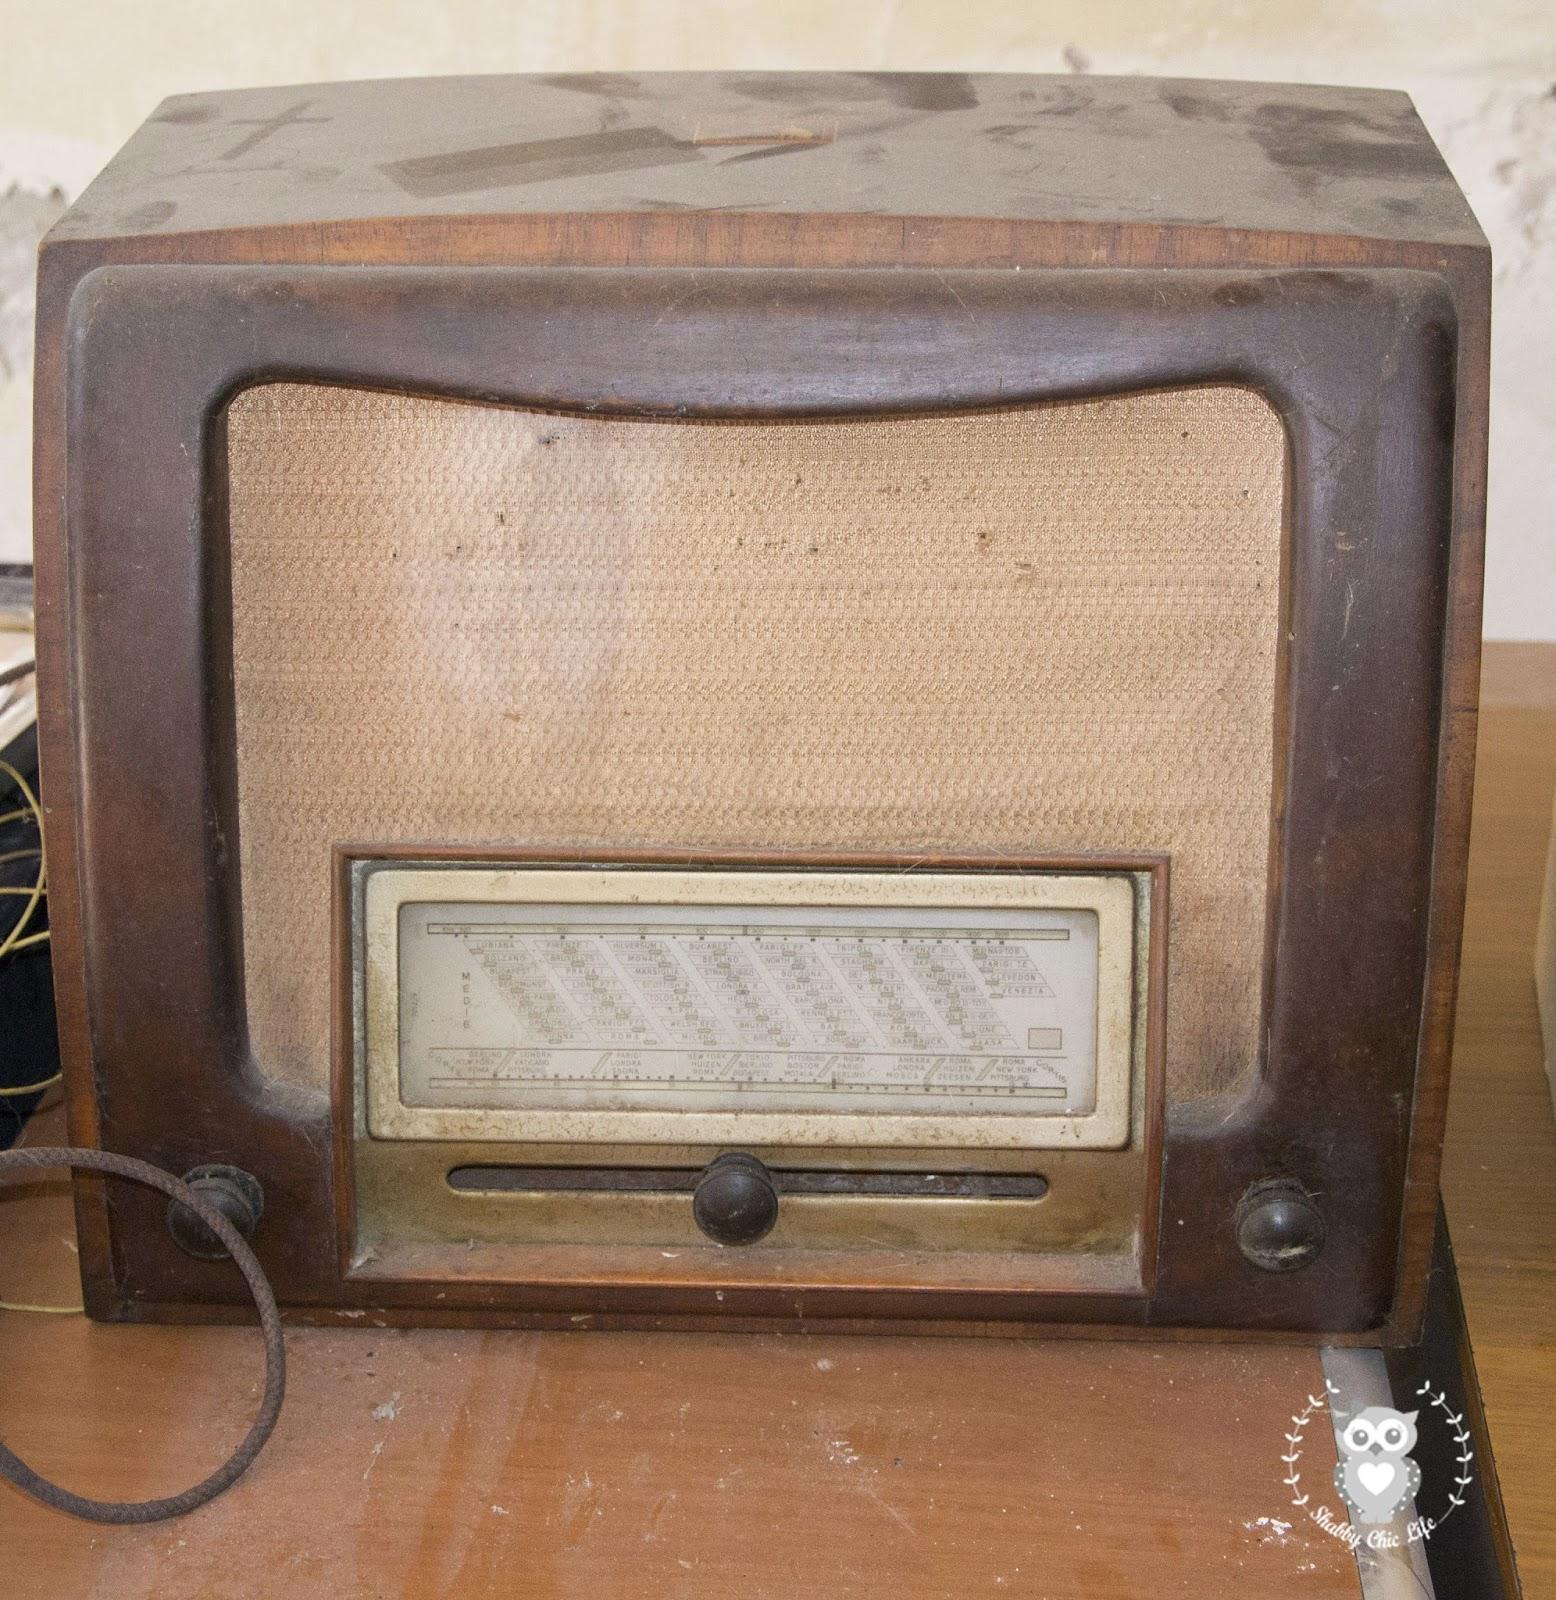 radio antica 1940